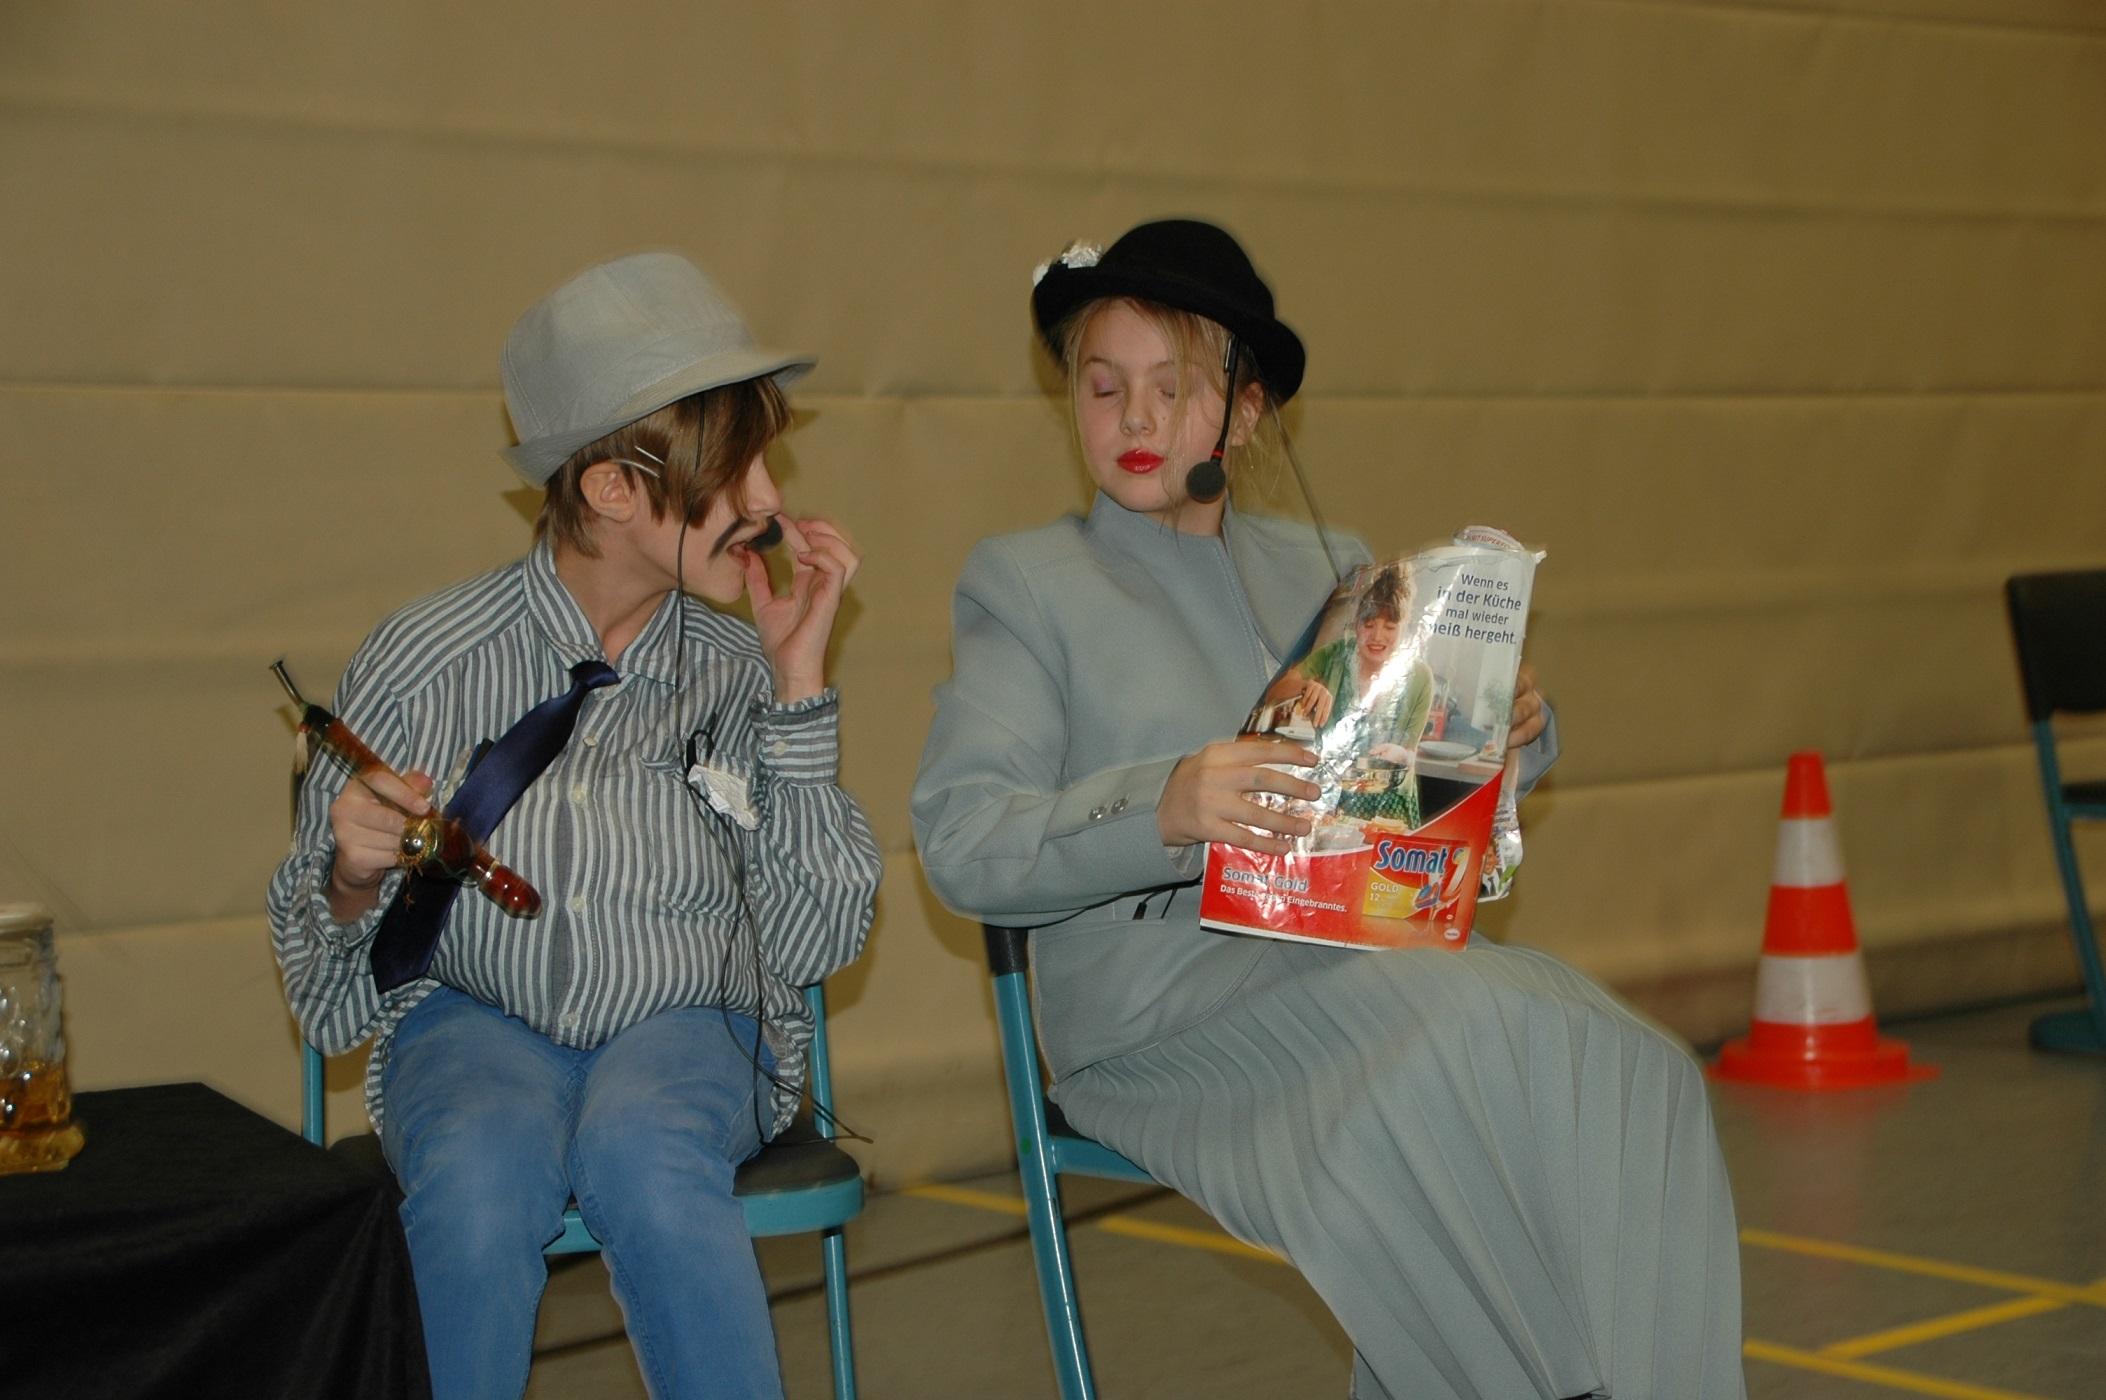 Weihnachtsfeier Theaterstück.Weihnachtsfeier Im Kleinen Rahmen Grundschule Und Mittelschule Velburg